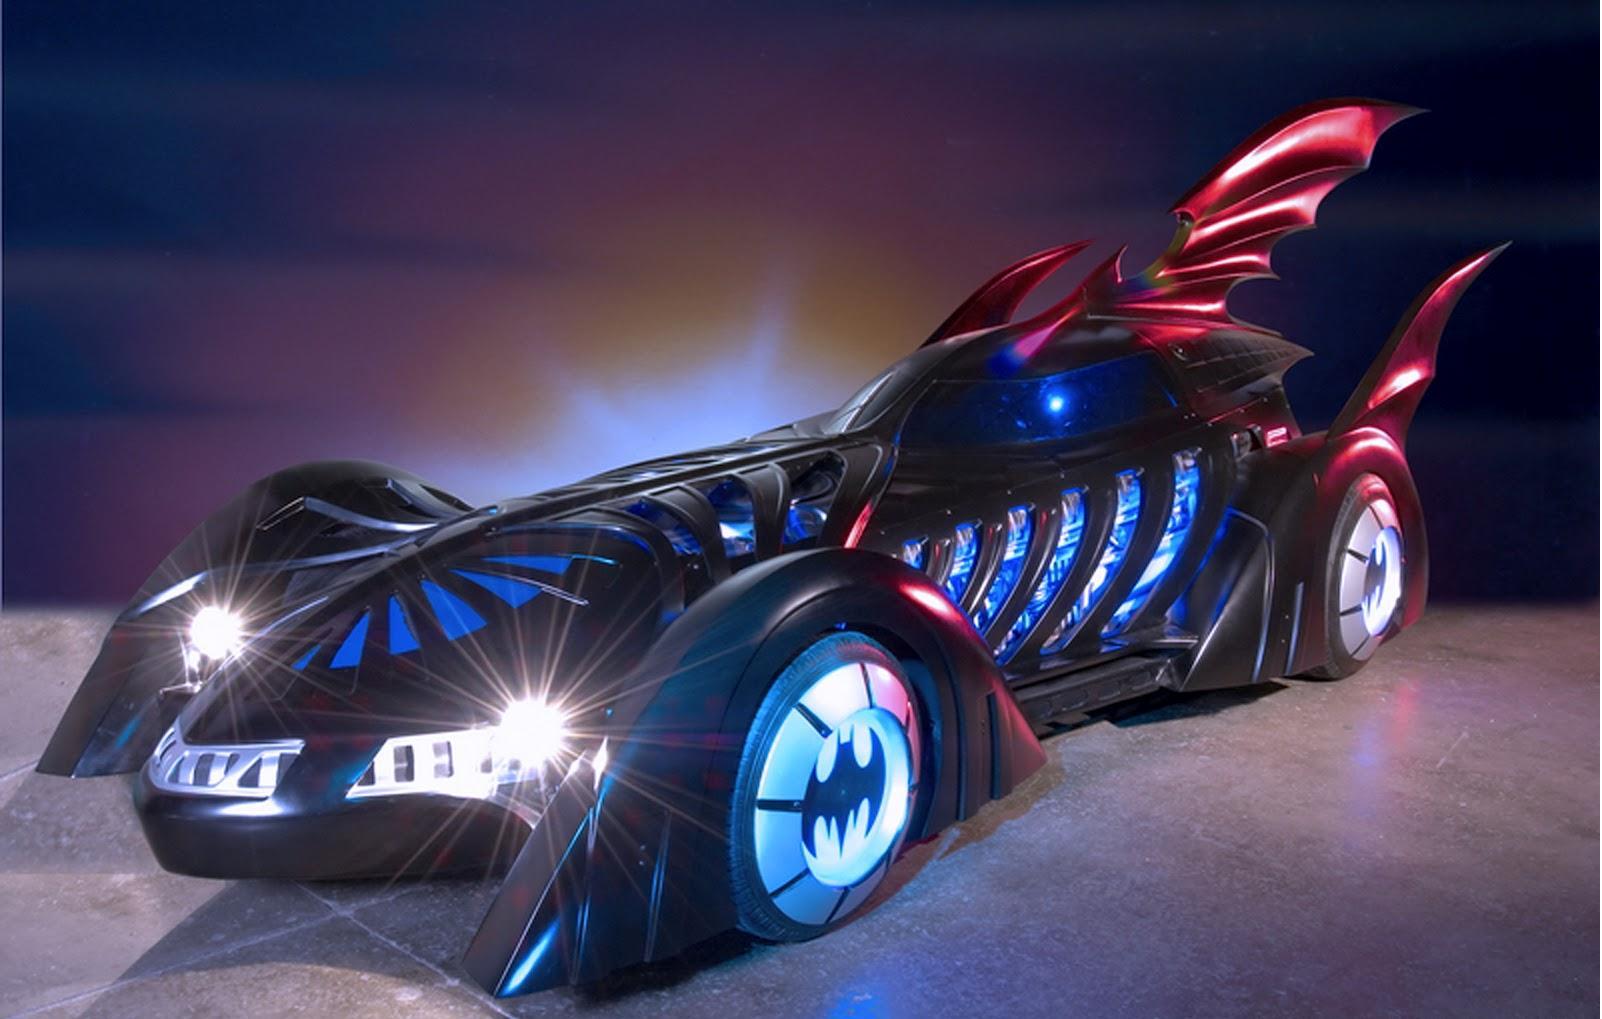 Batmobile 1 Cool Wallpaper